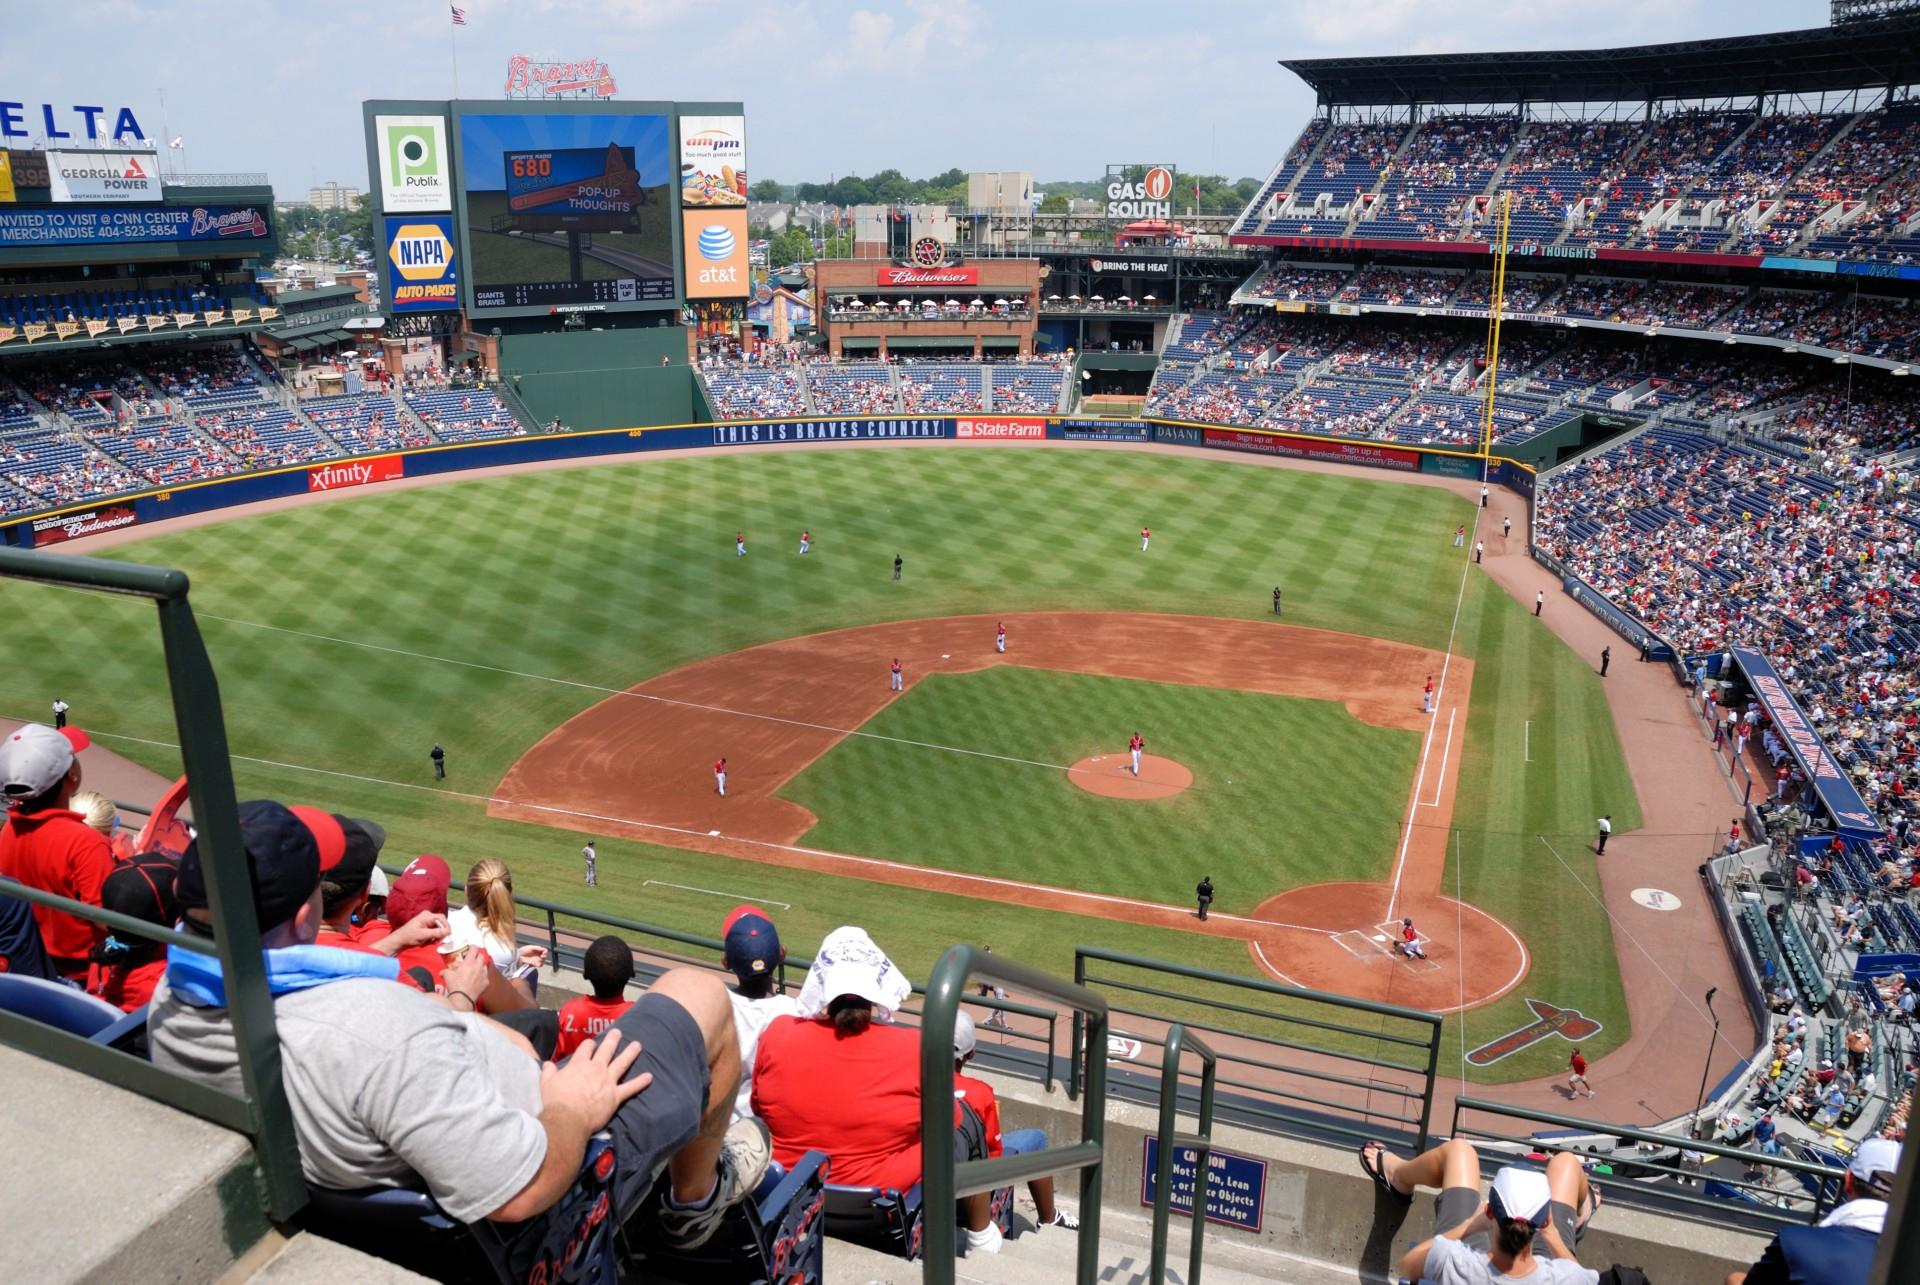 Ein Baseballstadion mit Besuchern